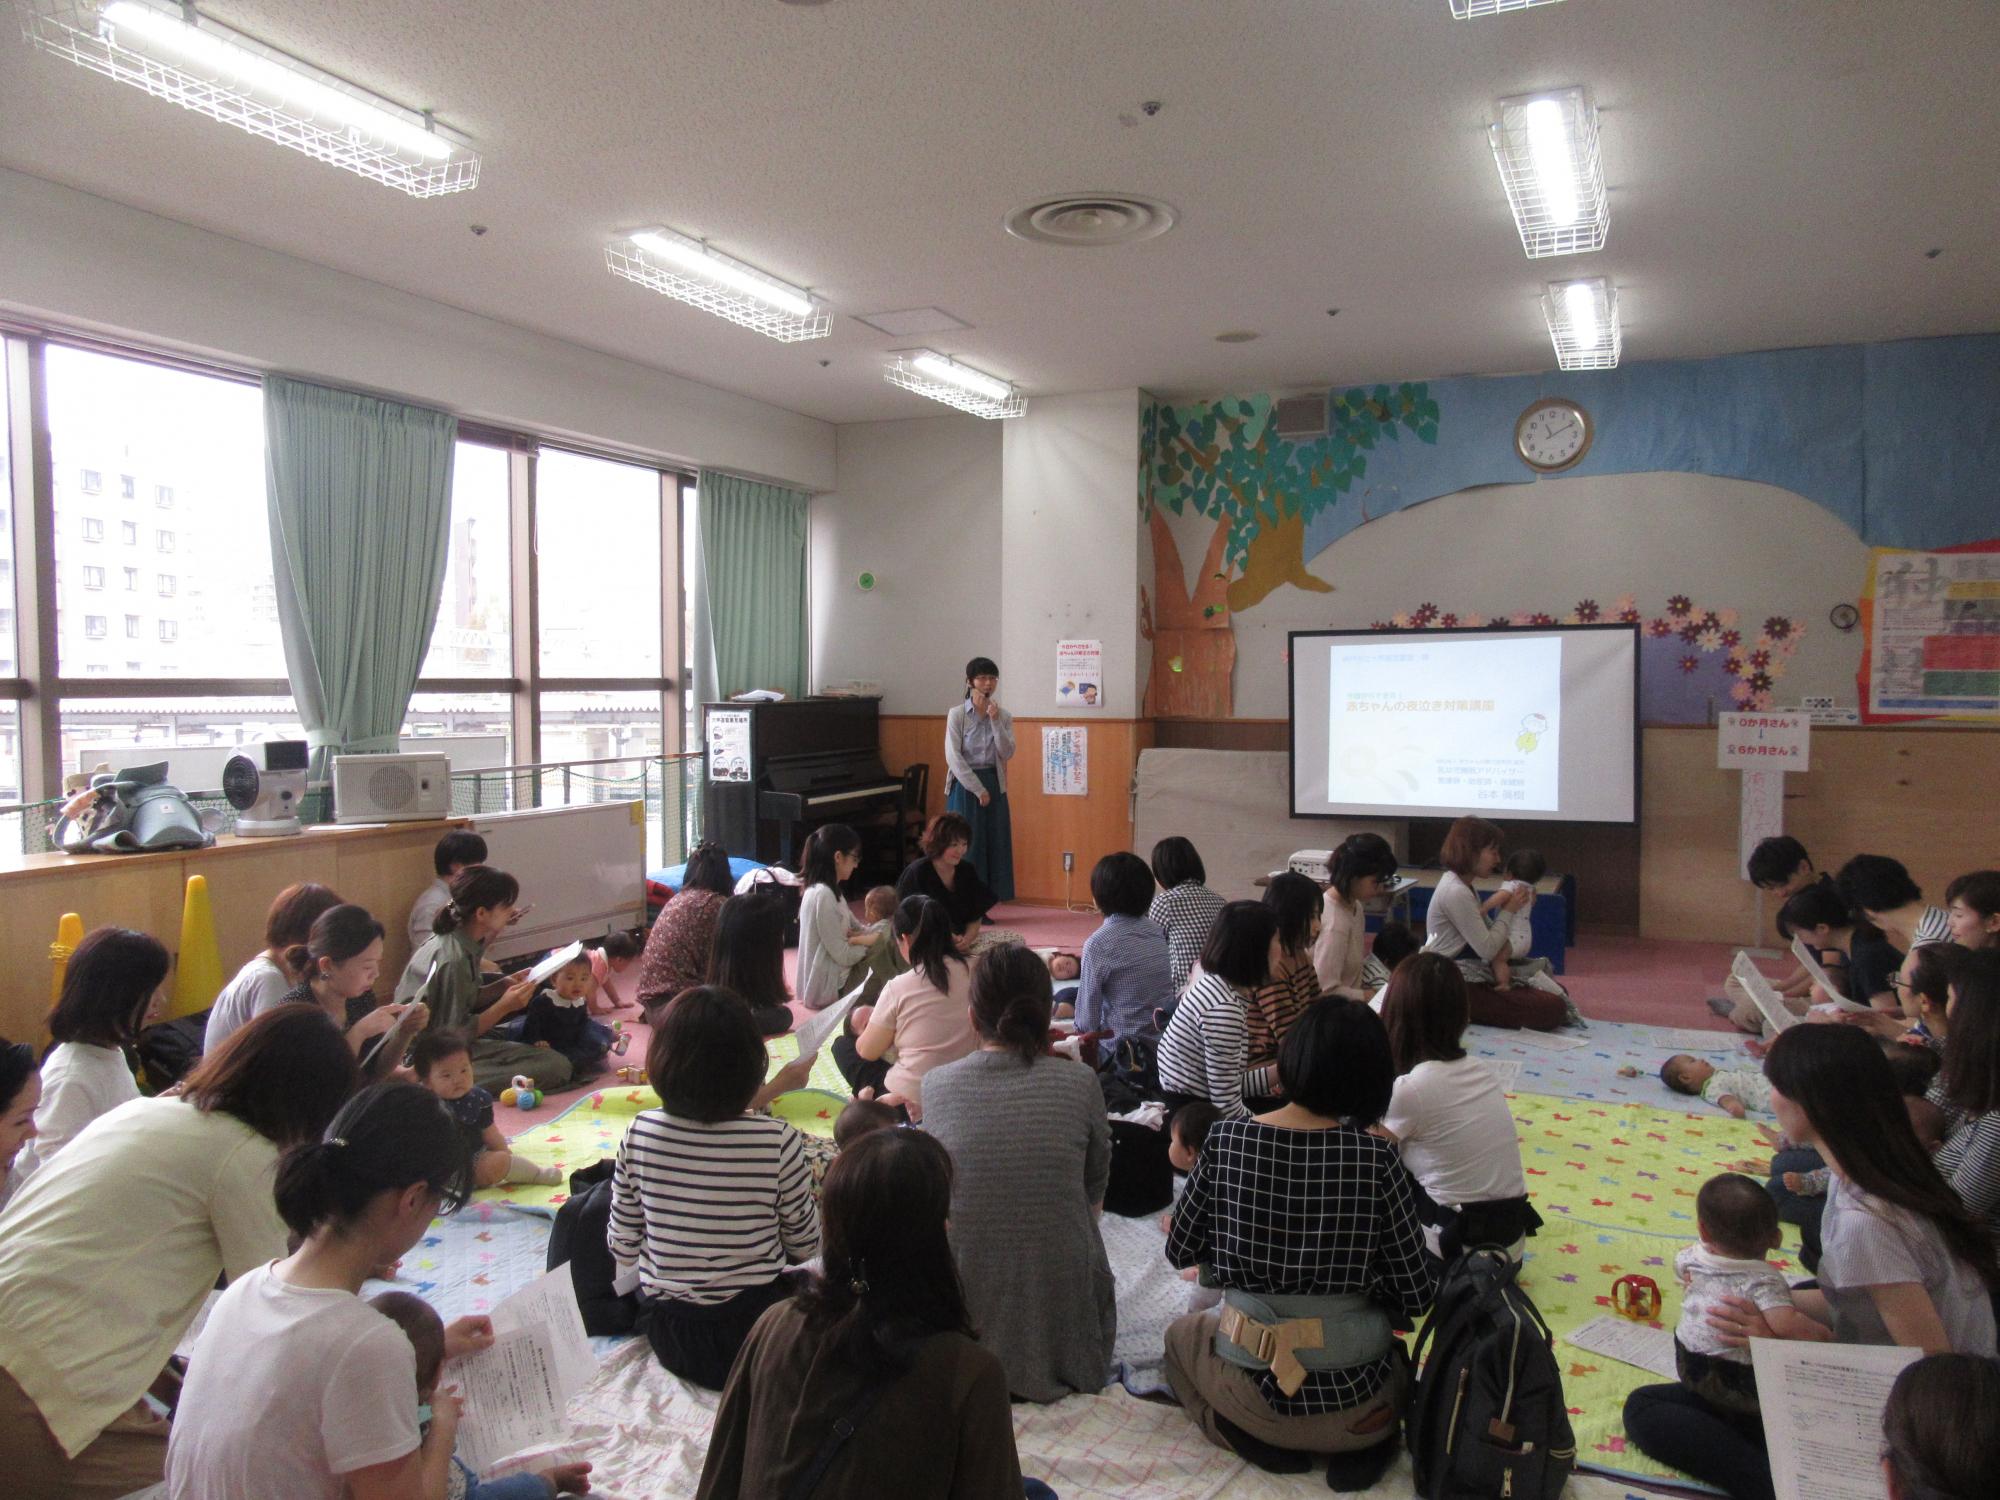 神戸市立六甲道児童館『あかちゃんふれあいタイム』